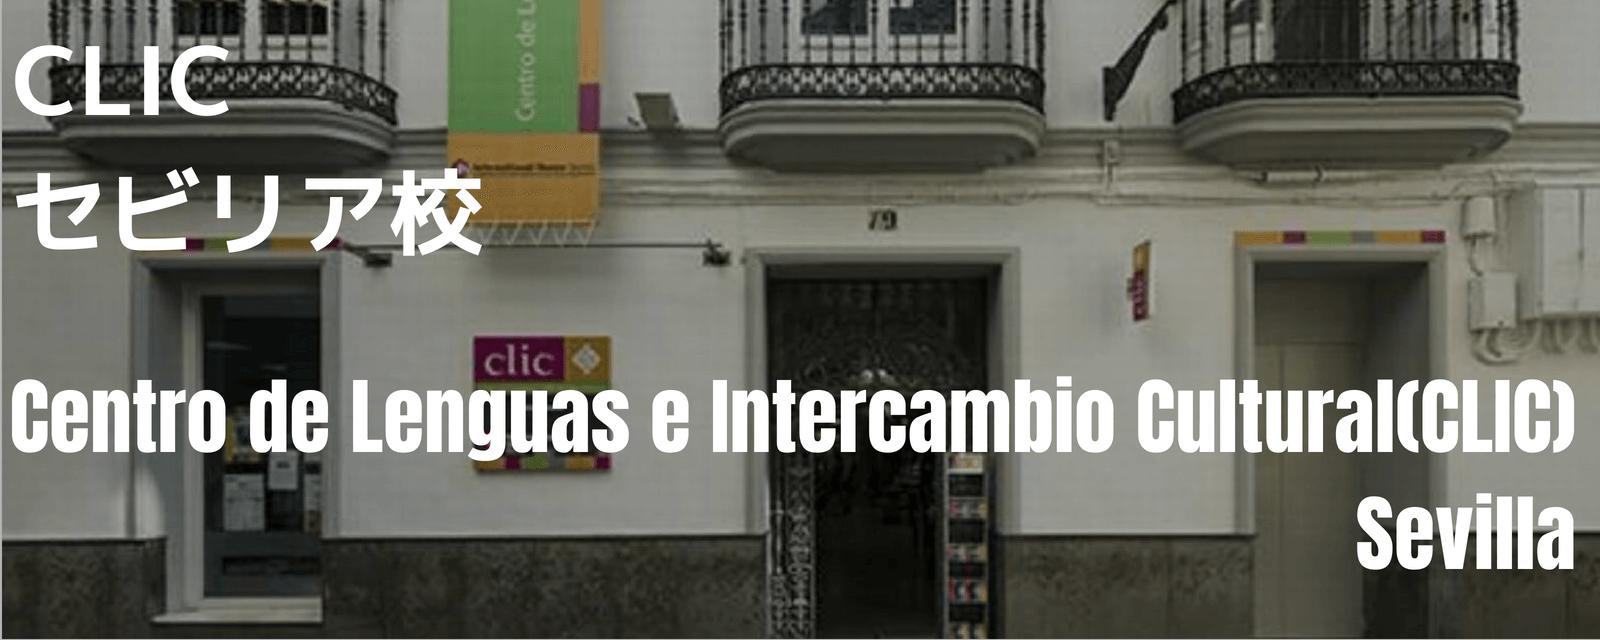 Centro de Lenguas e Intercambio Cultural(CLIC)